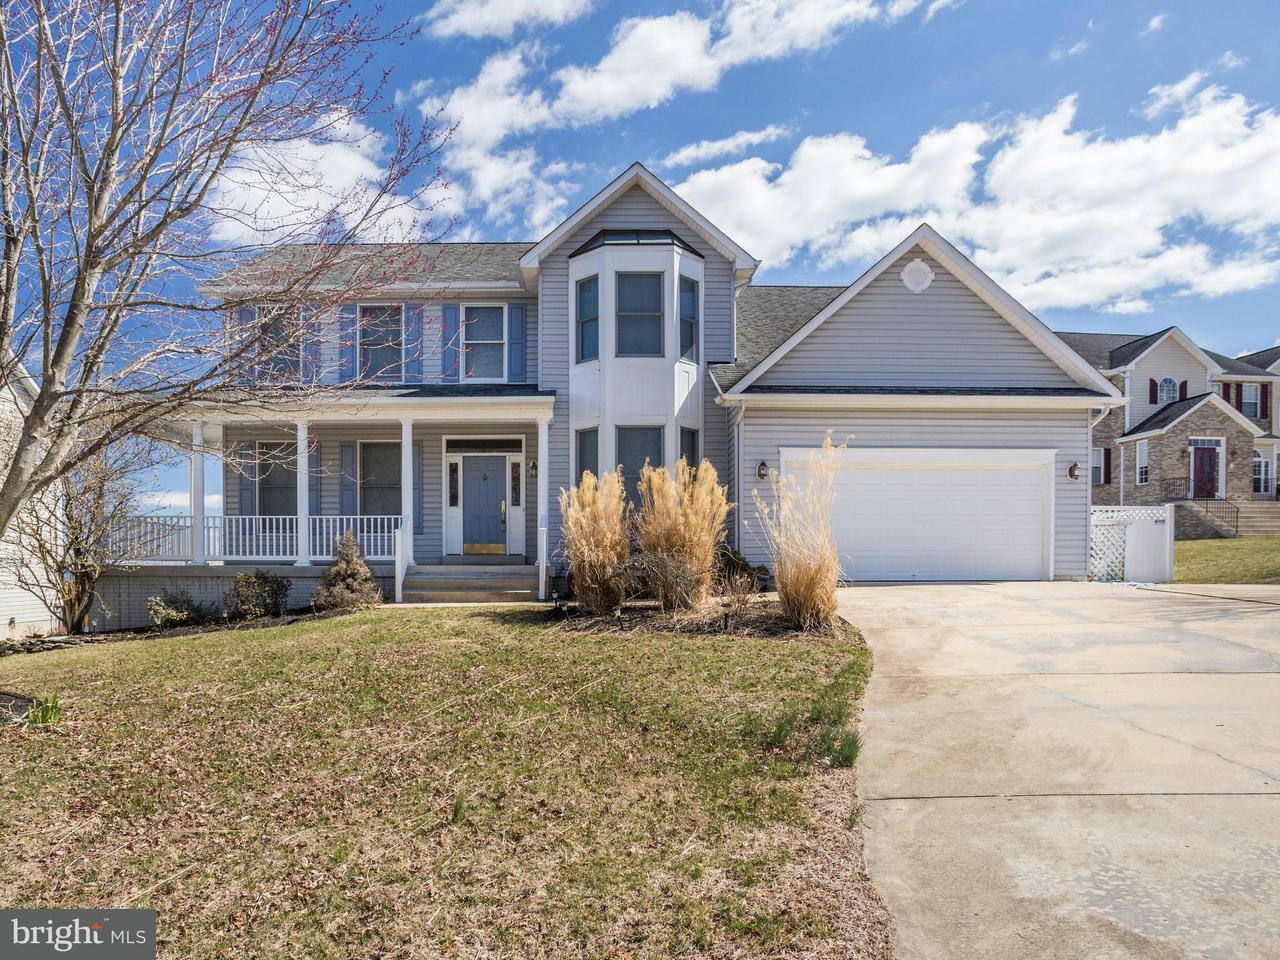 Einfamilienhaus für Verkauf beim 3231 Ina Chas 3231 Ina Chas Chesapeake Beach, Maryland 20732 Vereinigte Staaten